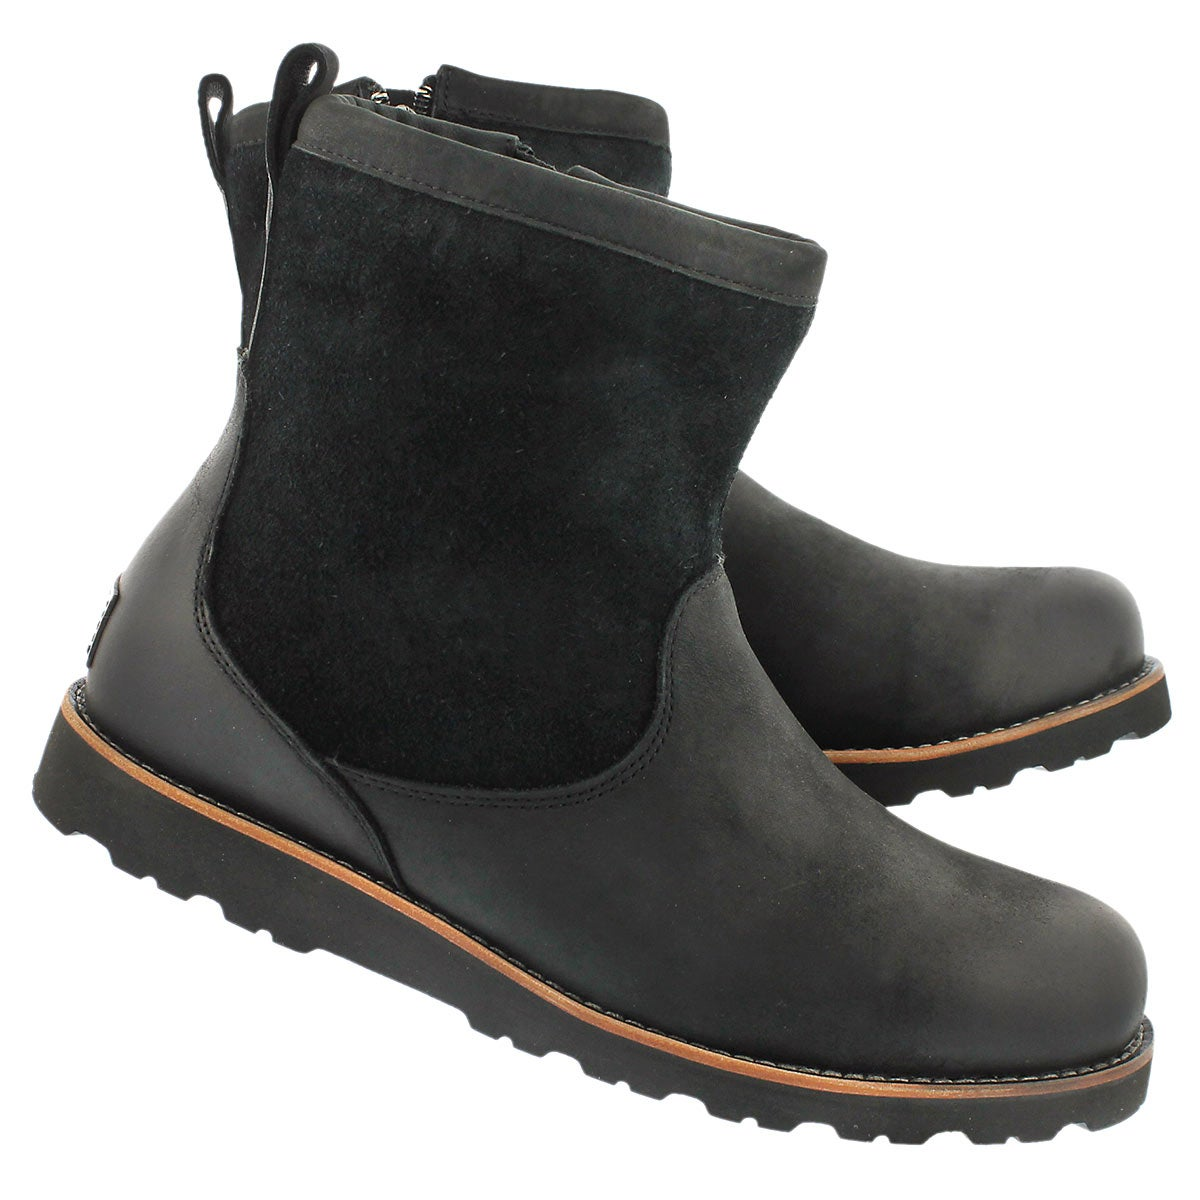 Mns Hendren TL blk wtpf lthr winter boot